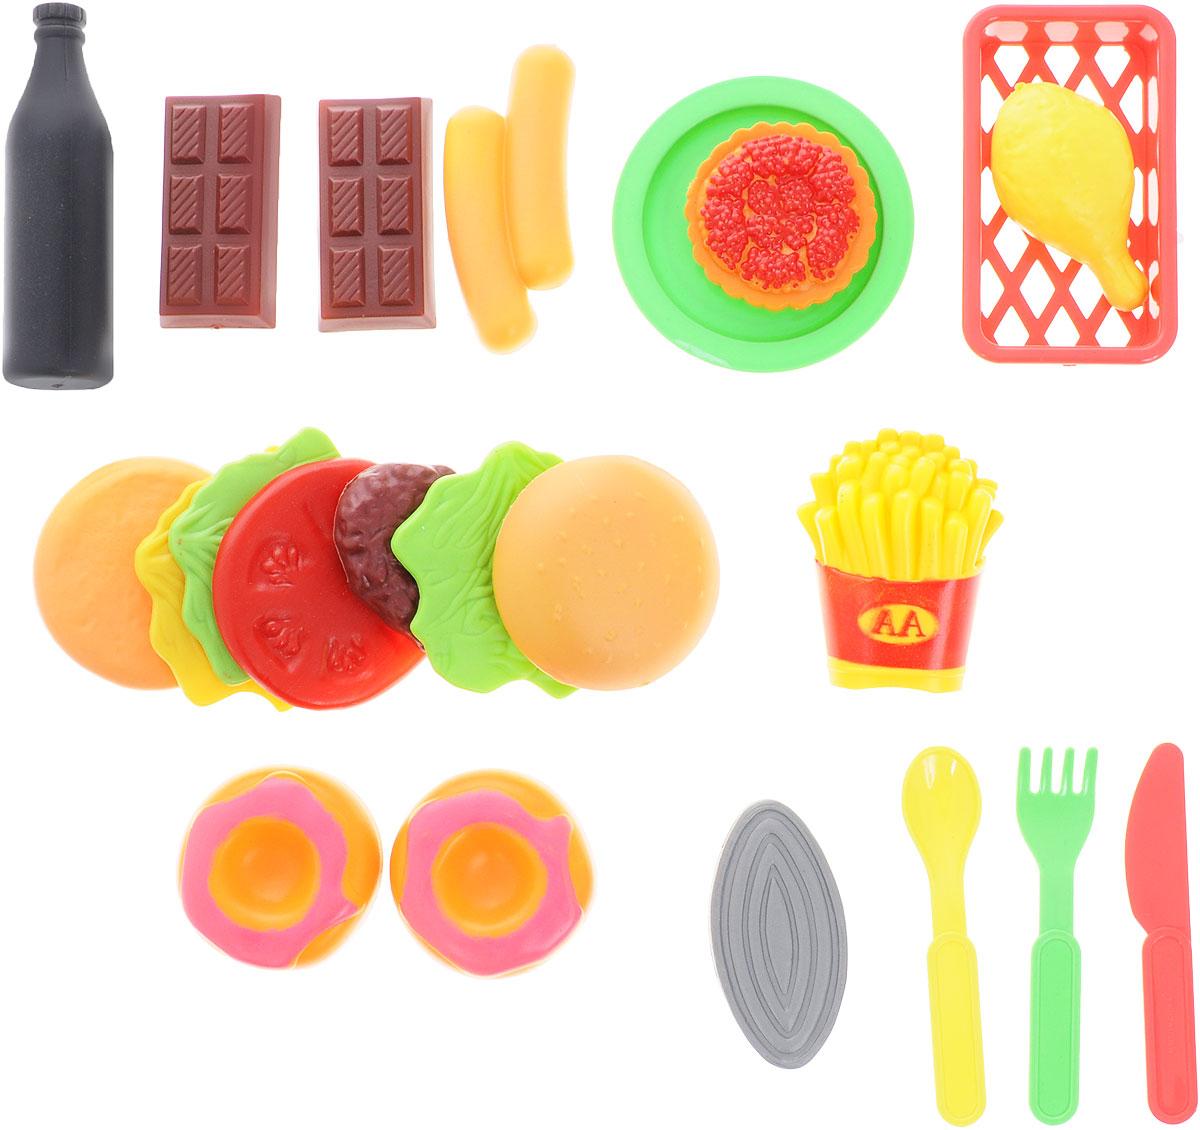 ABtoys Игрушечный набор продуктов с посудойPT-00147(WK-A0719)Если ваш ребенок любит помогать маме на кухне, играть с посудой, помогает в нарезке фруктов и овощей, но вам приходится ограничивать его в игре с бьющимися и острыми предметами кухонной утвари, то этот детский набор создан специально для юного помощника. Игровой набор ABtoys Набор продуктов с посудой включает плоскую тарелку, кухонную корзинку, вилку, ложку и ножик. В наборе и элементы: картошка фри, сладости, сосиски и другие необходимые на кухне продукты. Игрушки выполнены из яркого, но абсолютно безопасного пластика. С таким продуктовым набором ваш ребенок сможет устроить для своих игрушек удивительный обед. Порадуйте его таким замечательным подарком! Игровые наборы серии Помогаю Маме развивают фантазию, расширяют кругозор ребенка и помогают развить хозяйственные навыки.